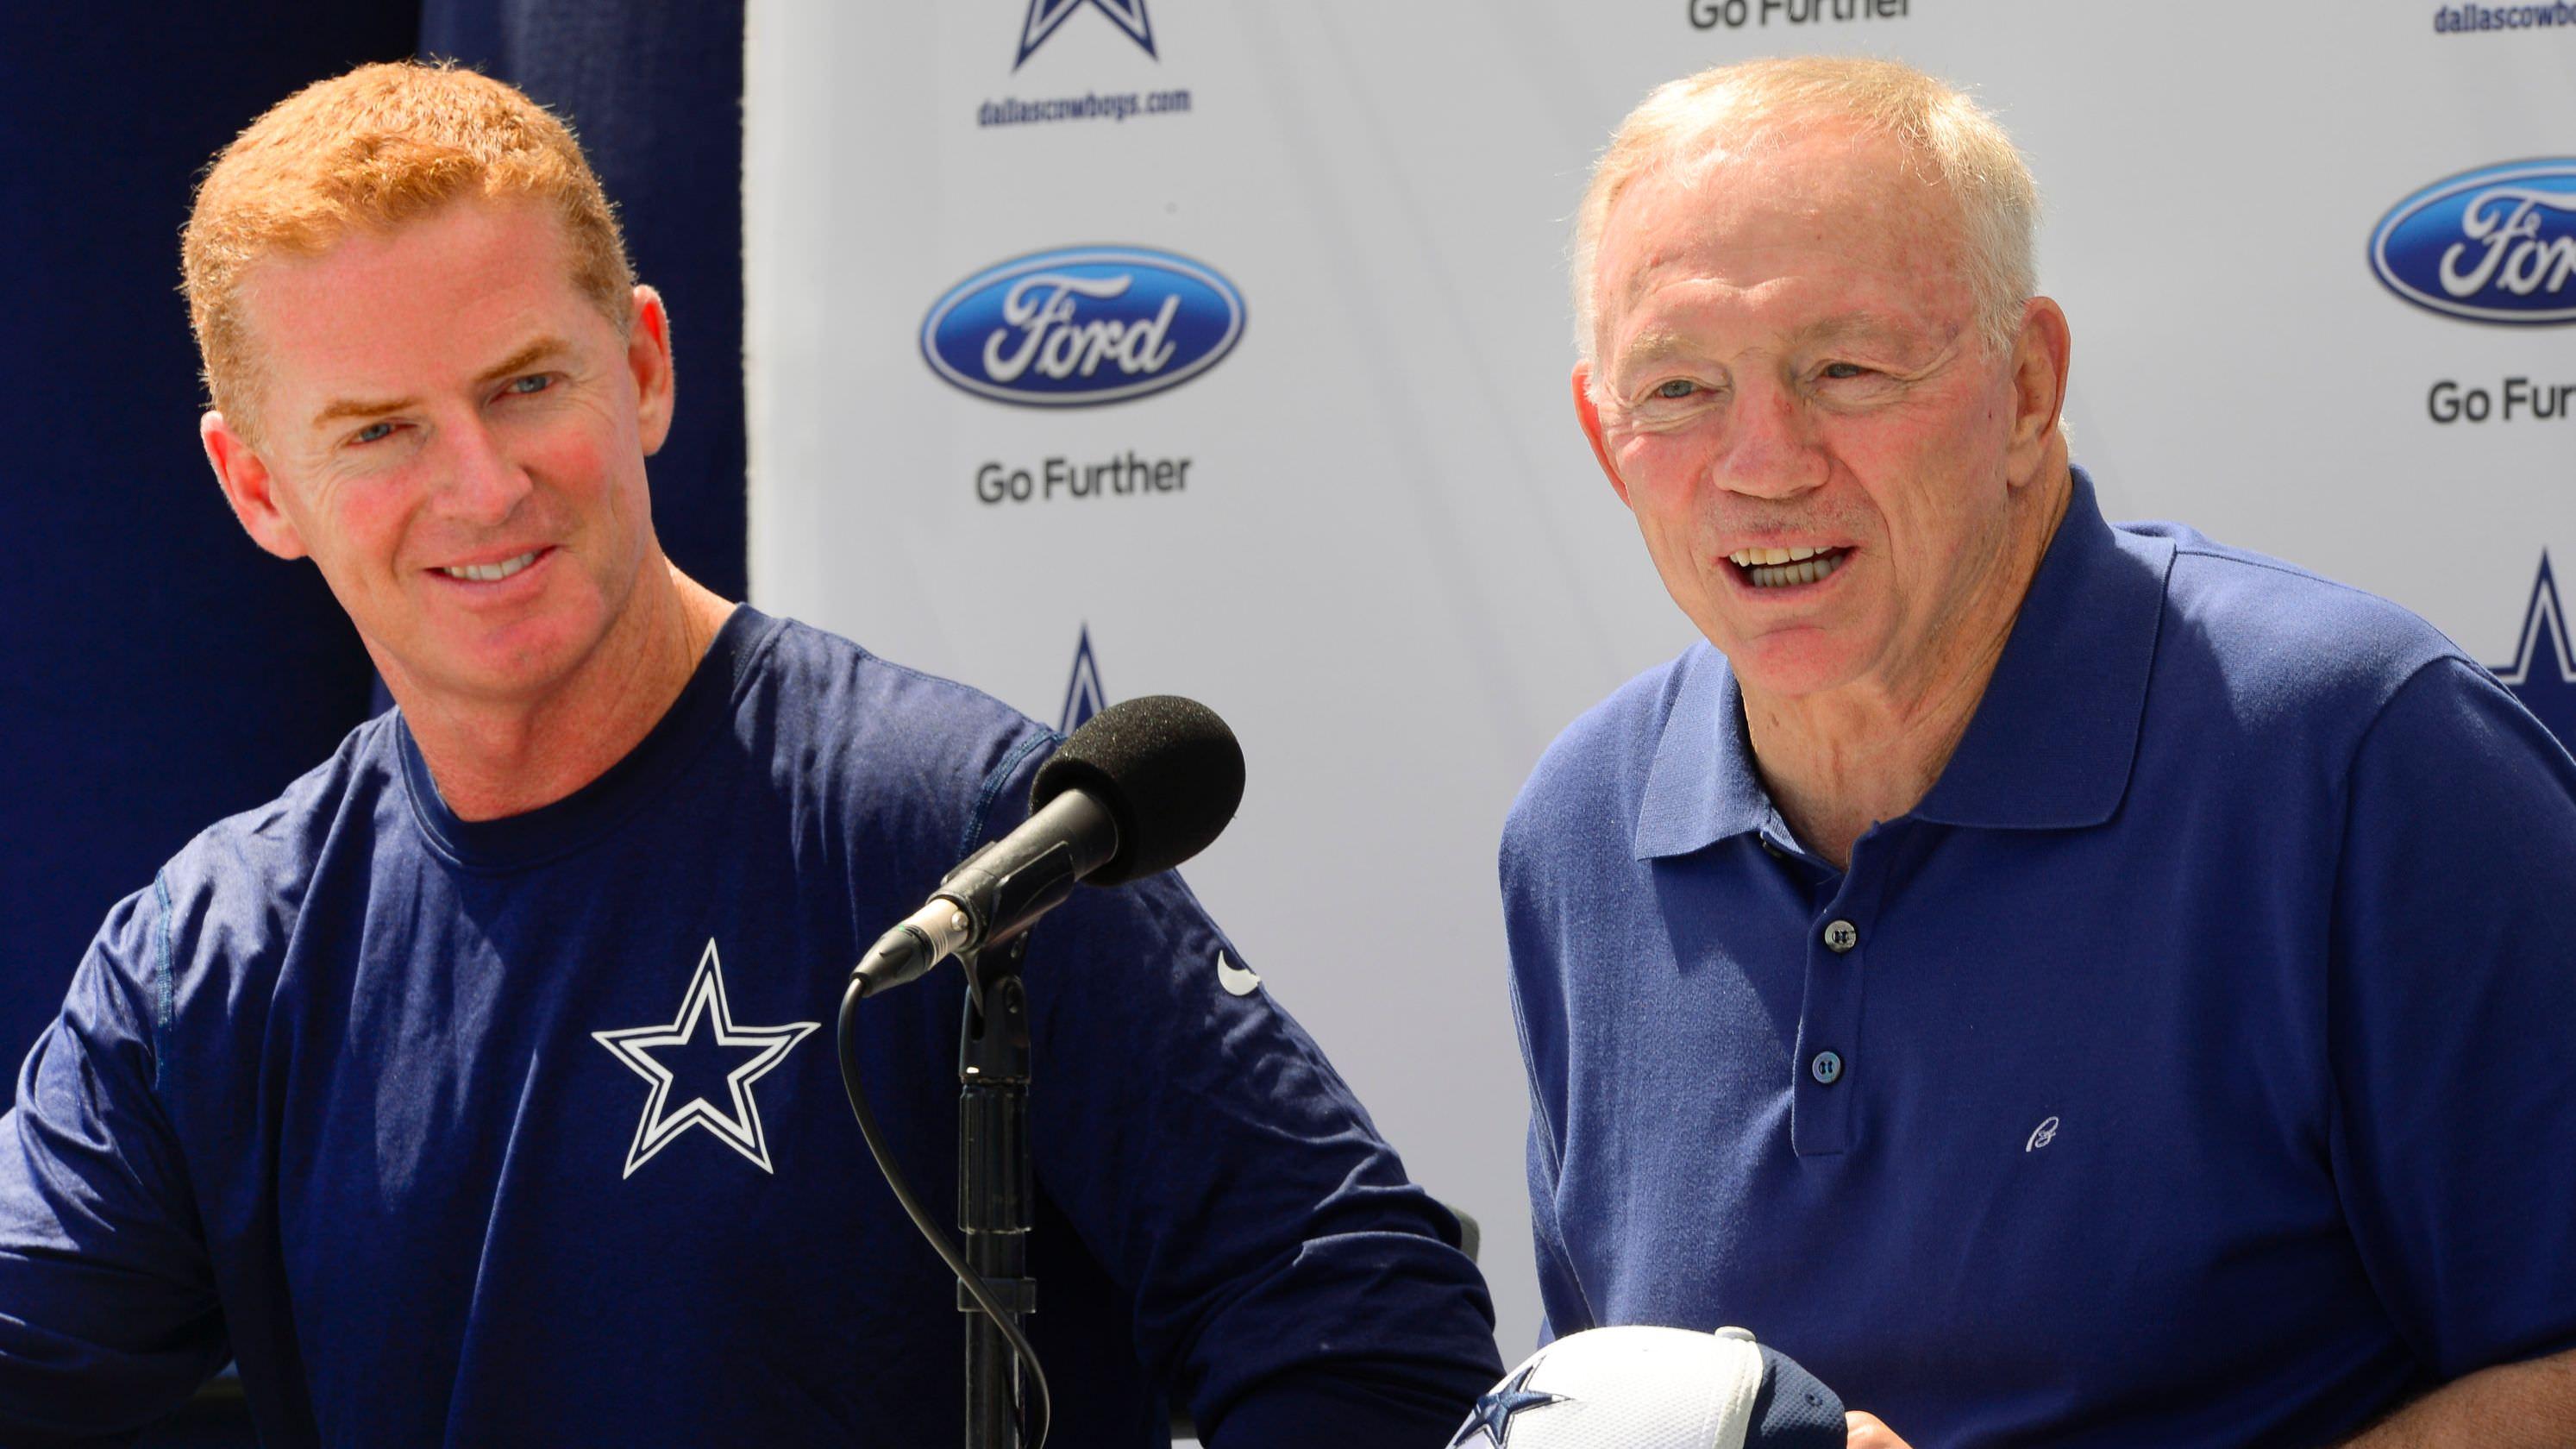 Jerry Jones dos Cowboys minimiza a situação do contrato de Jason Garrett: 'Ele confia em mim, eu confio nele'